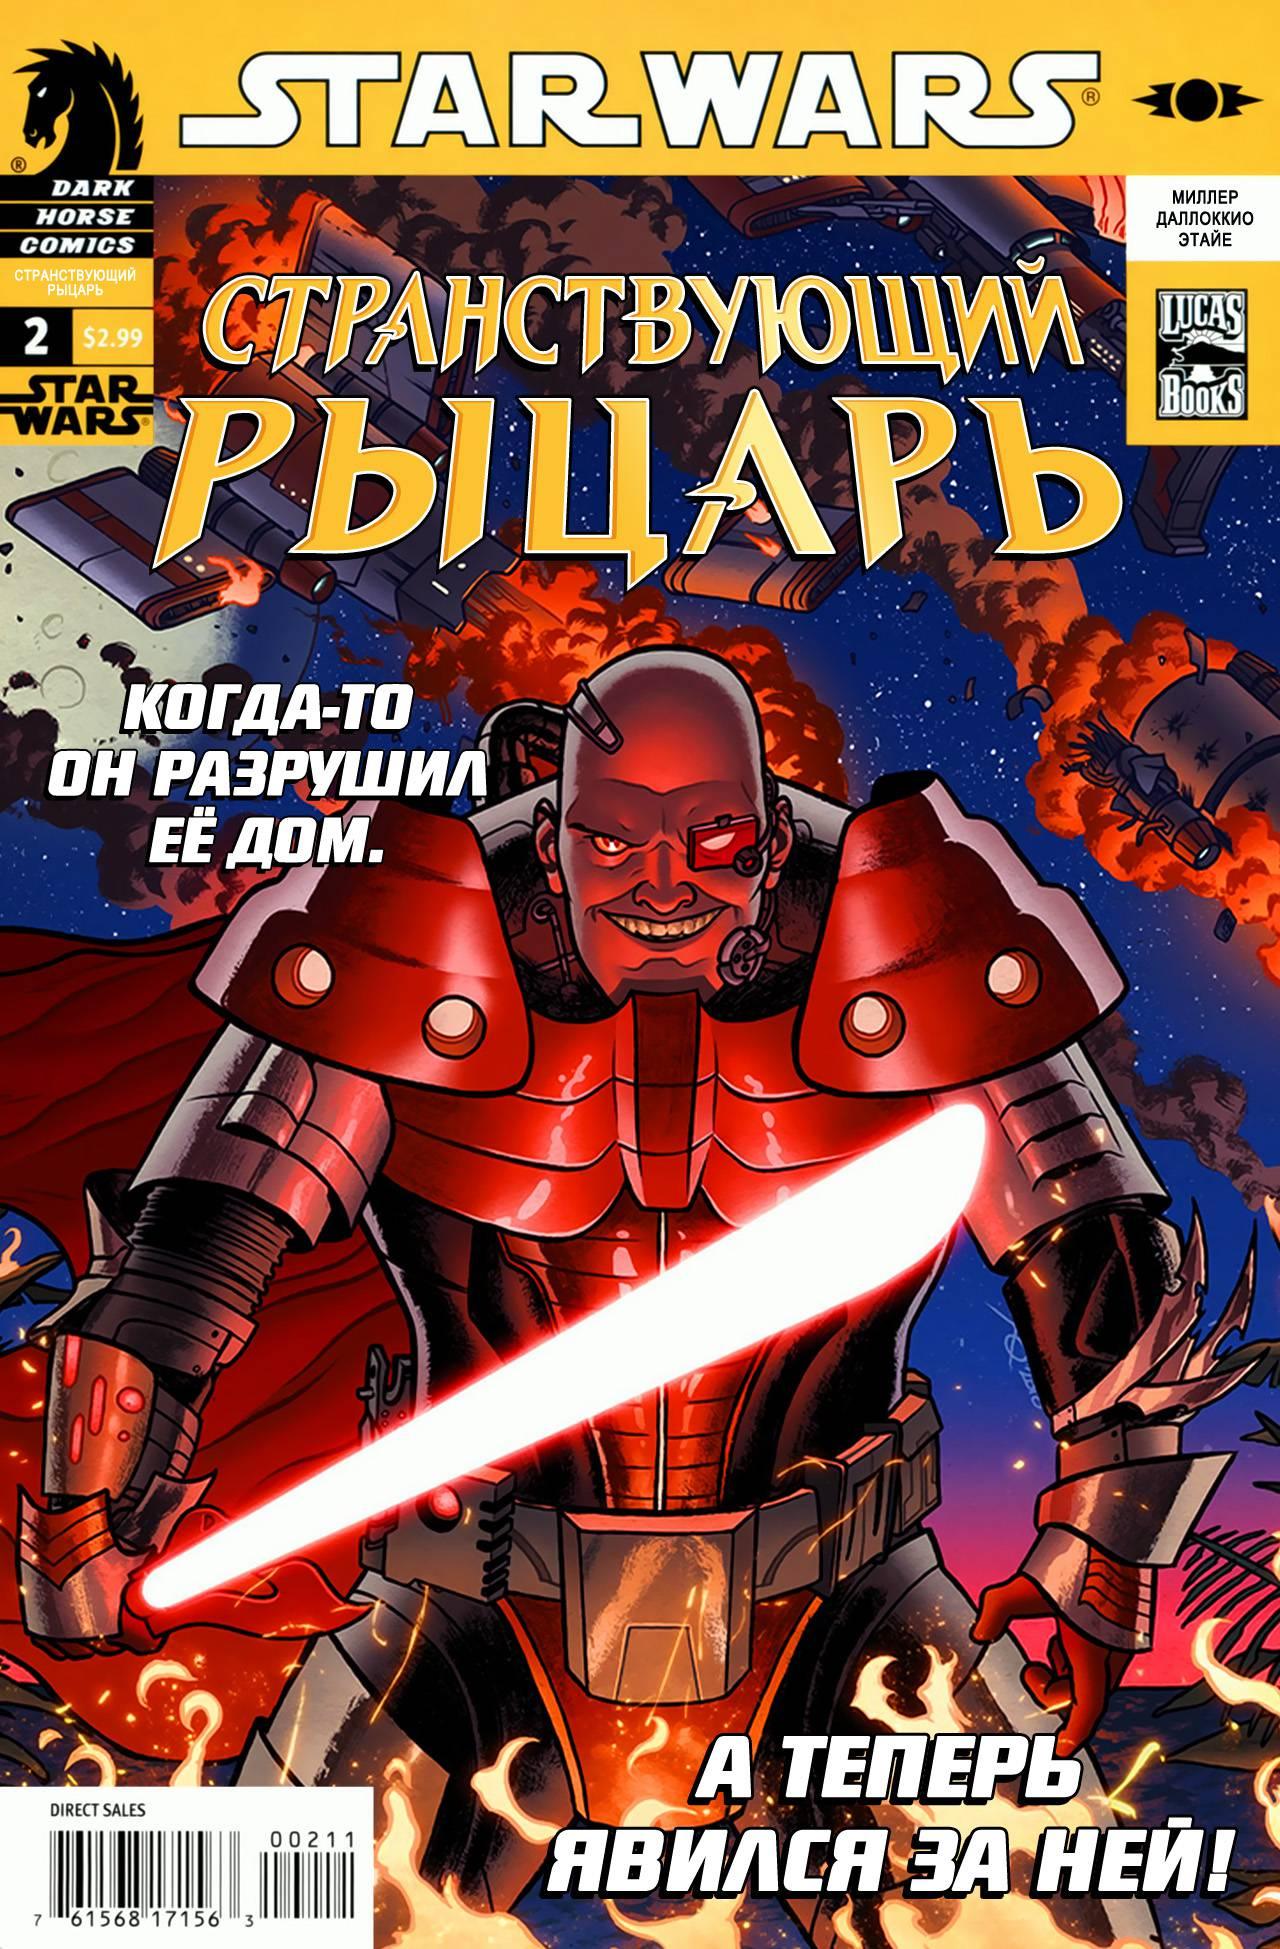 Звездные Войны: Странствующий Рыцарь №2 онлайн